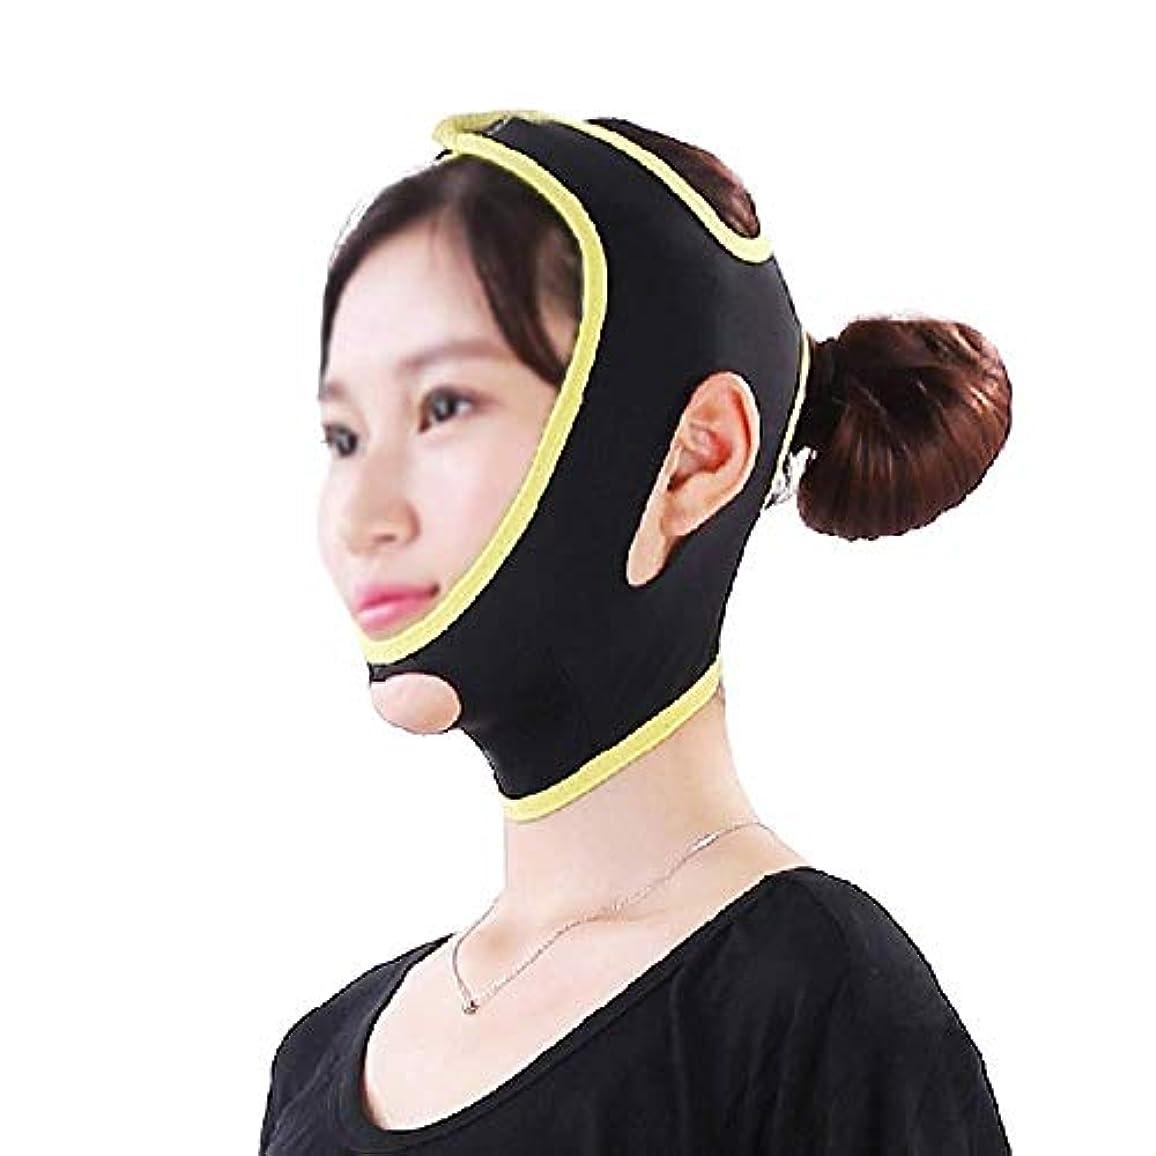 邪魔する服を着る手がかりフェイスアンドネックリフト、Vフェイスマスクは顔の輪郭を強化して、顎の超弾性包帯を引き締める咬筋を緩和します(サイズ:M)